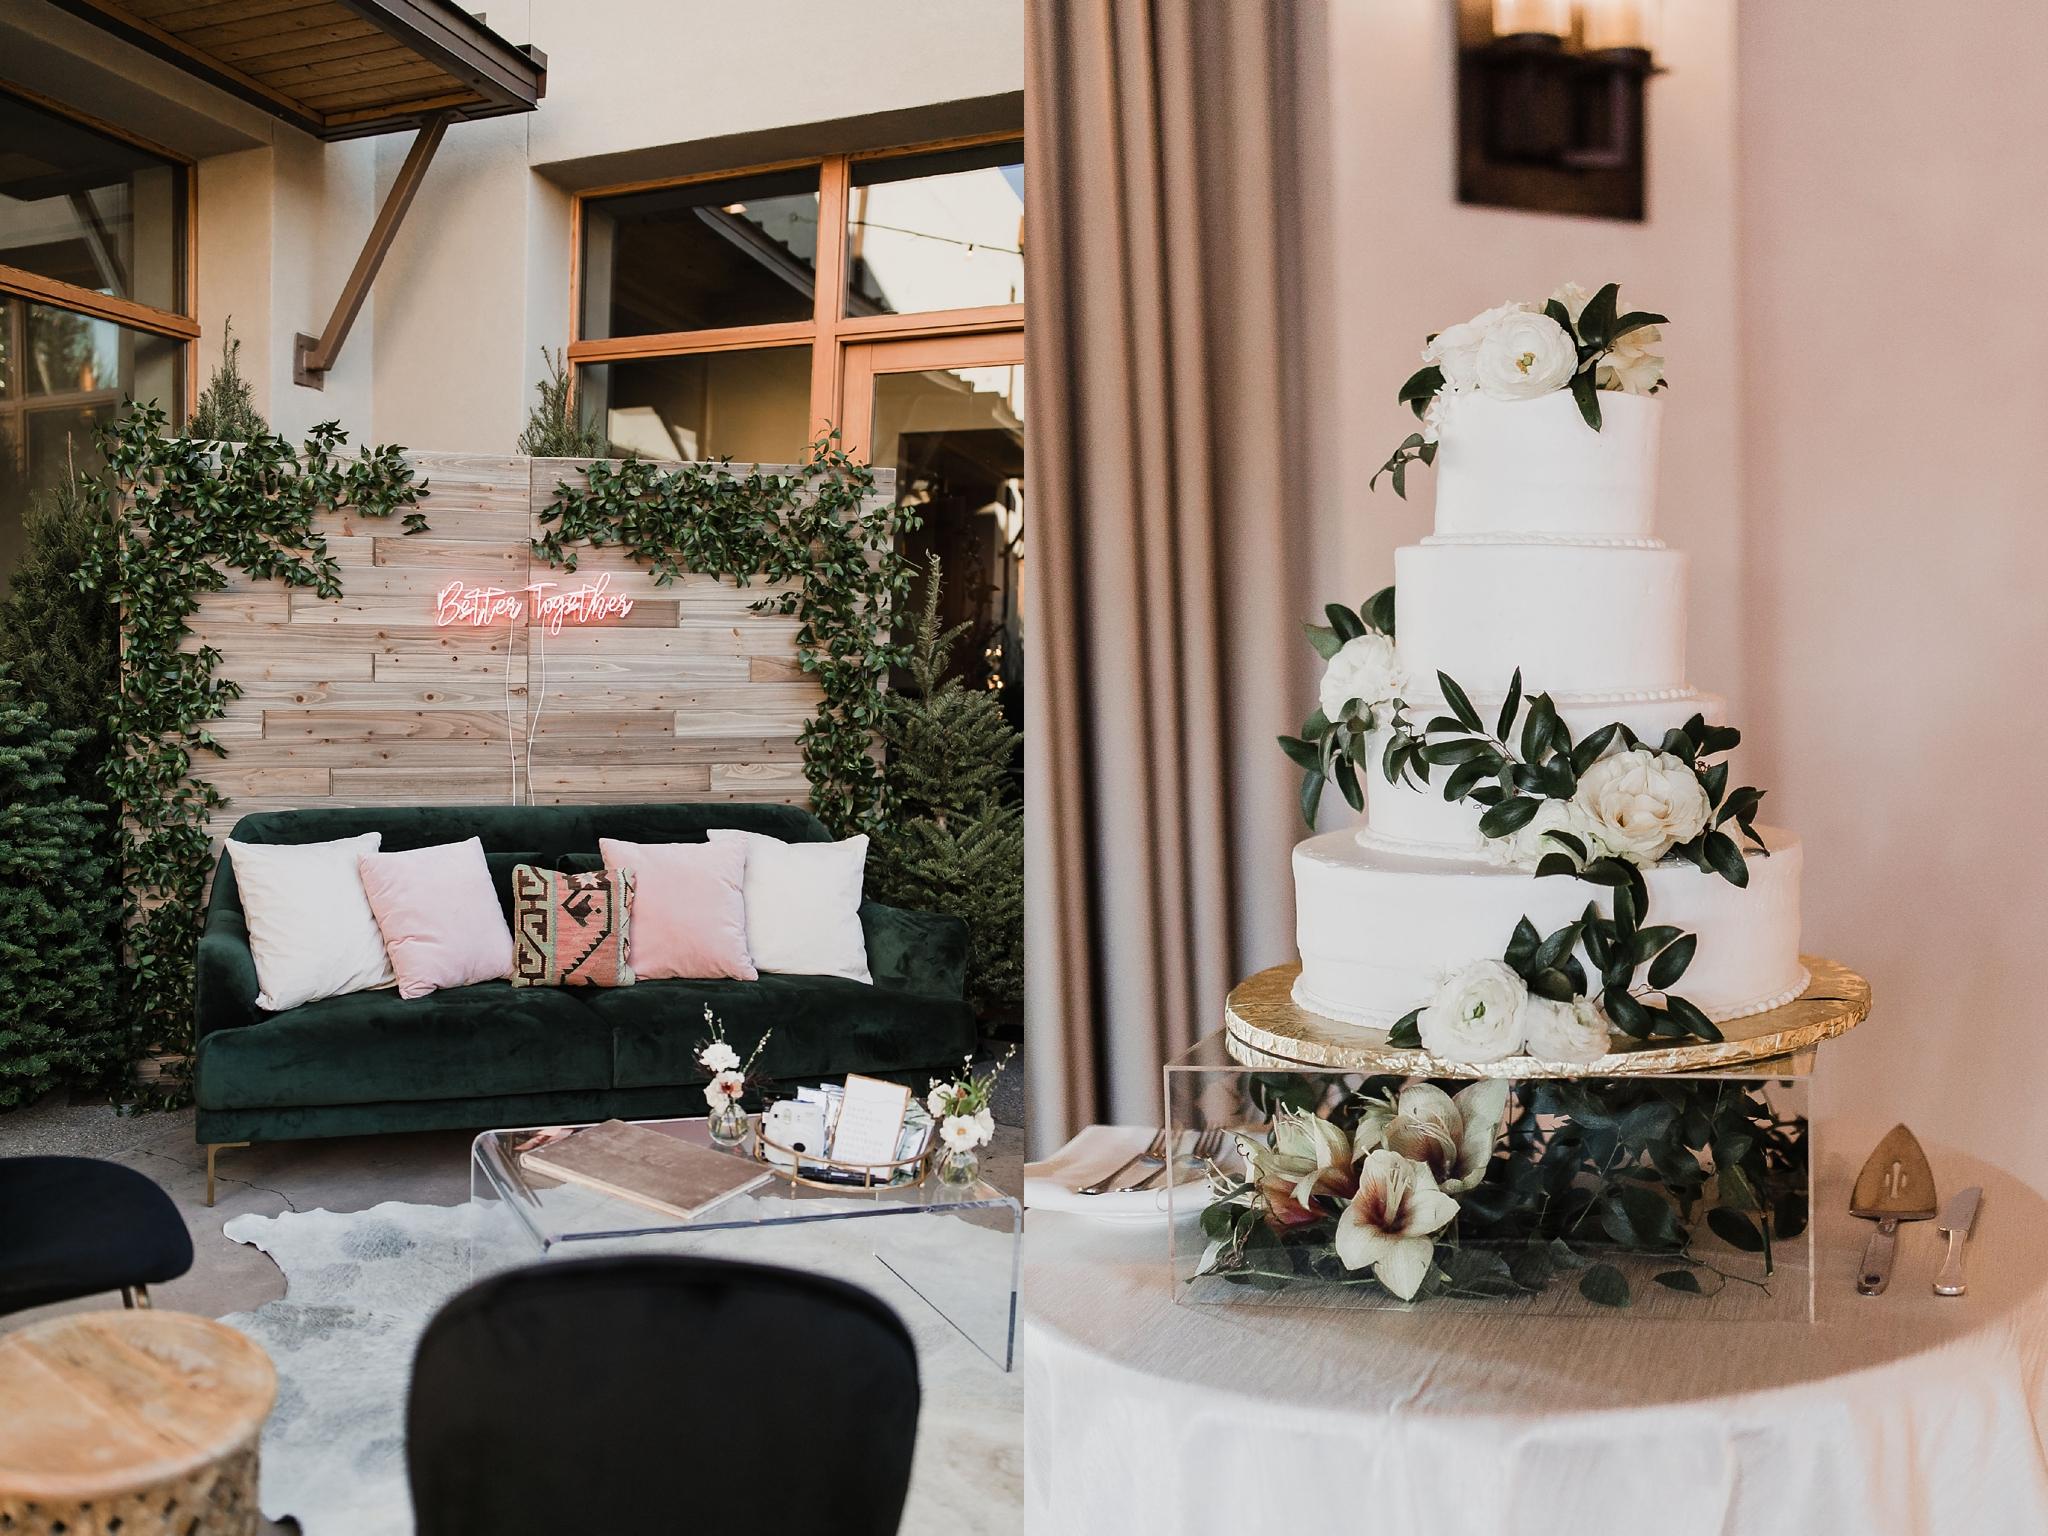 Alicia+lucia+photography+-+albuquerque+wedding+photographer+-+santa+fe+wedding+photography+-+new+mexico+wedding+photographer+-+new+mexico+wedding+-+wedding+photographer+-+wedding+photographer+team_0029.jpg